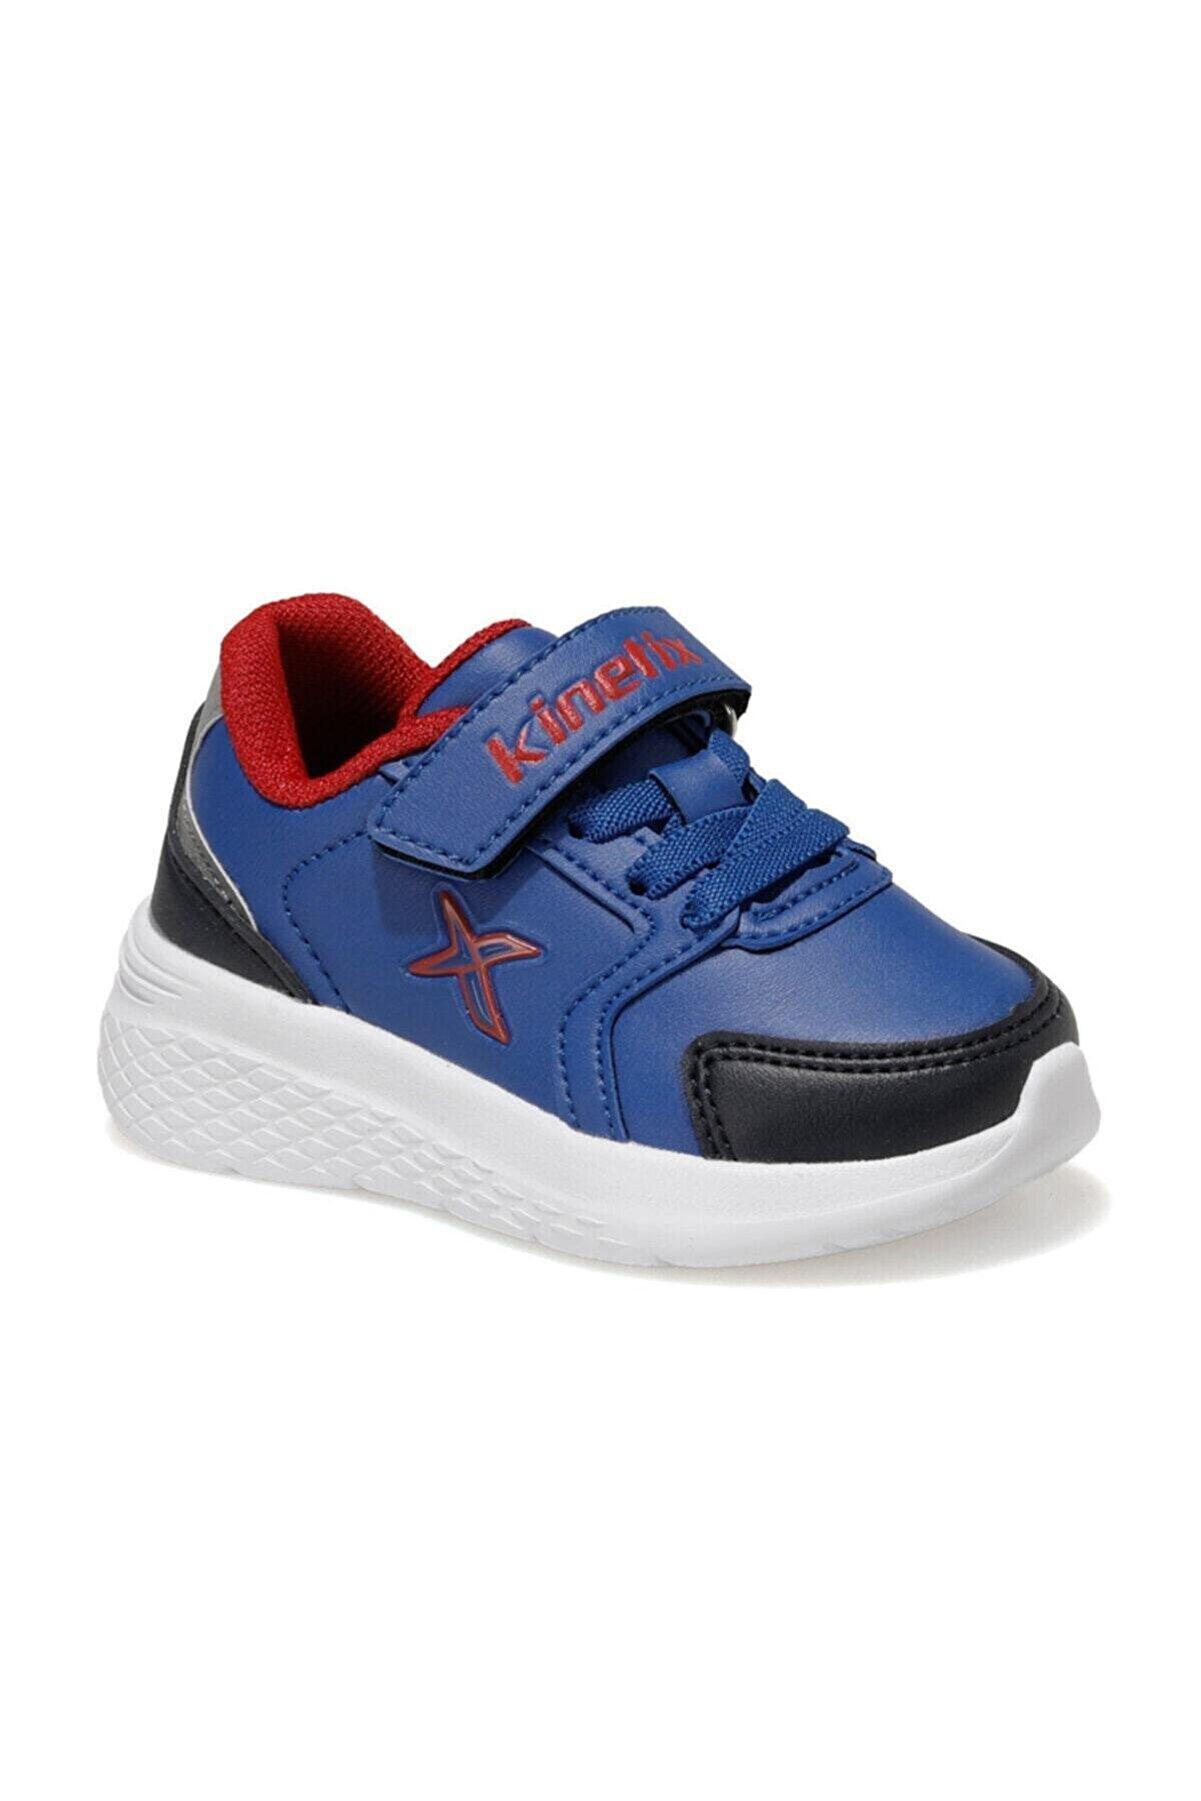 Kinetix MARNED J Saks Erkek Çocuk Yürüyüş Ayakkabısı 100533999